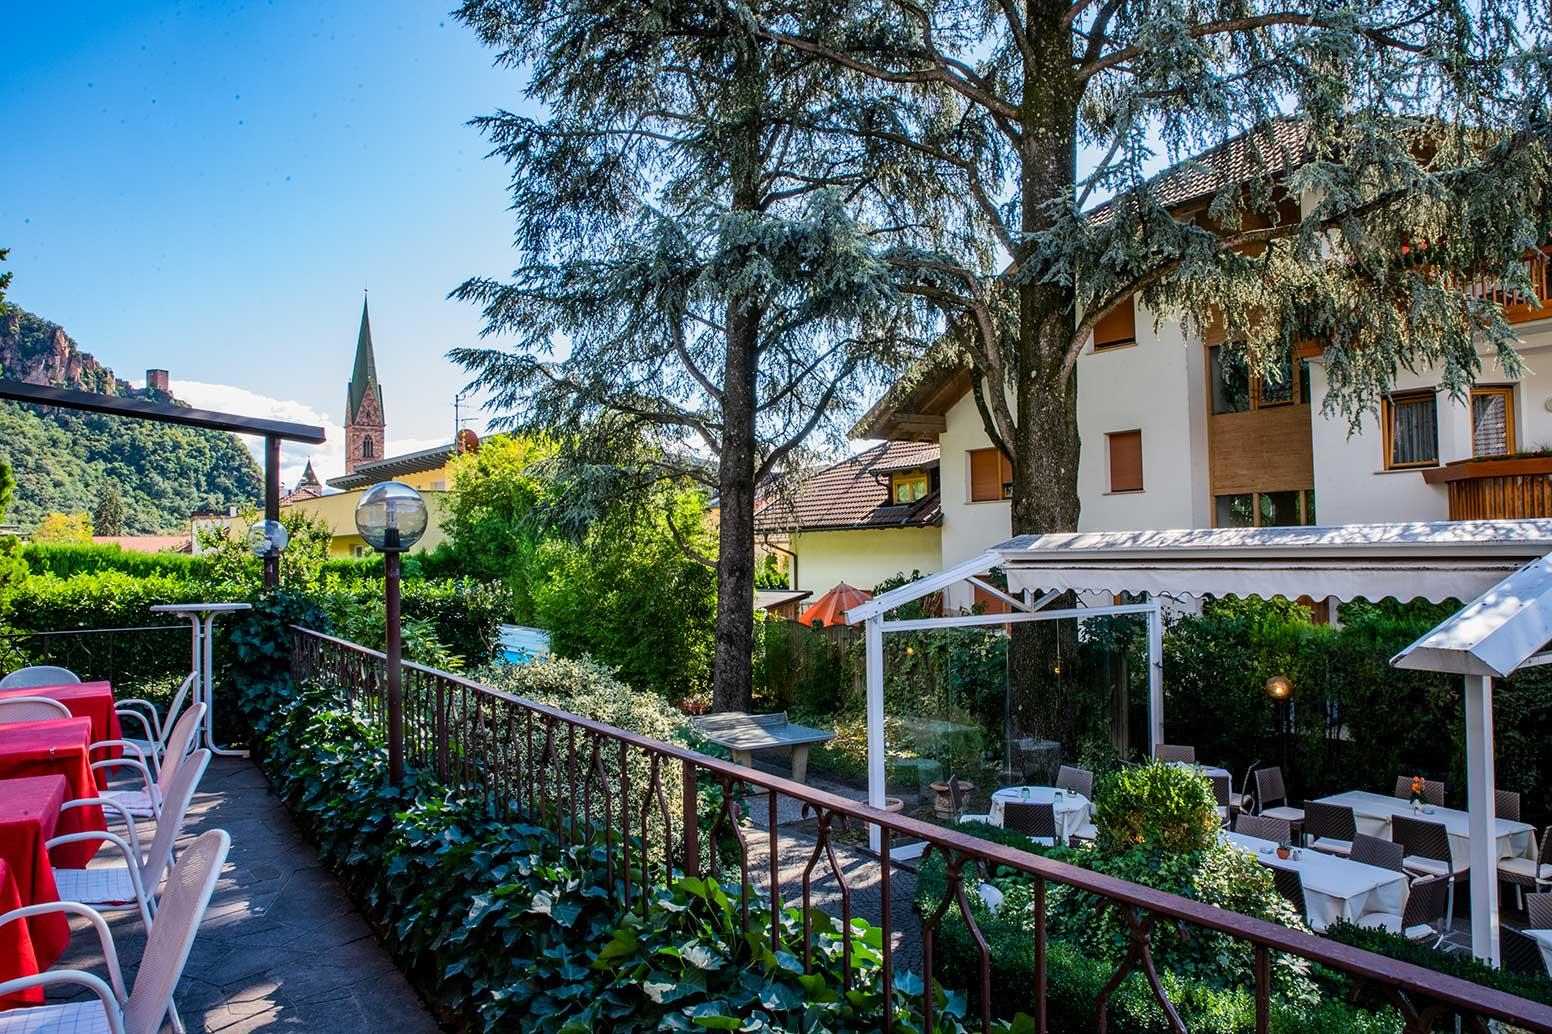 hotel-Weingarten-restaurant-garten-3